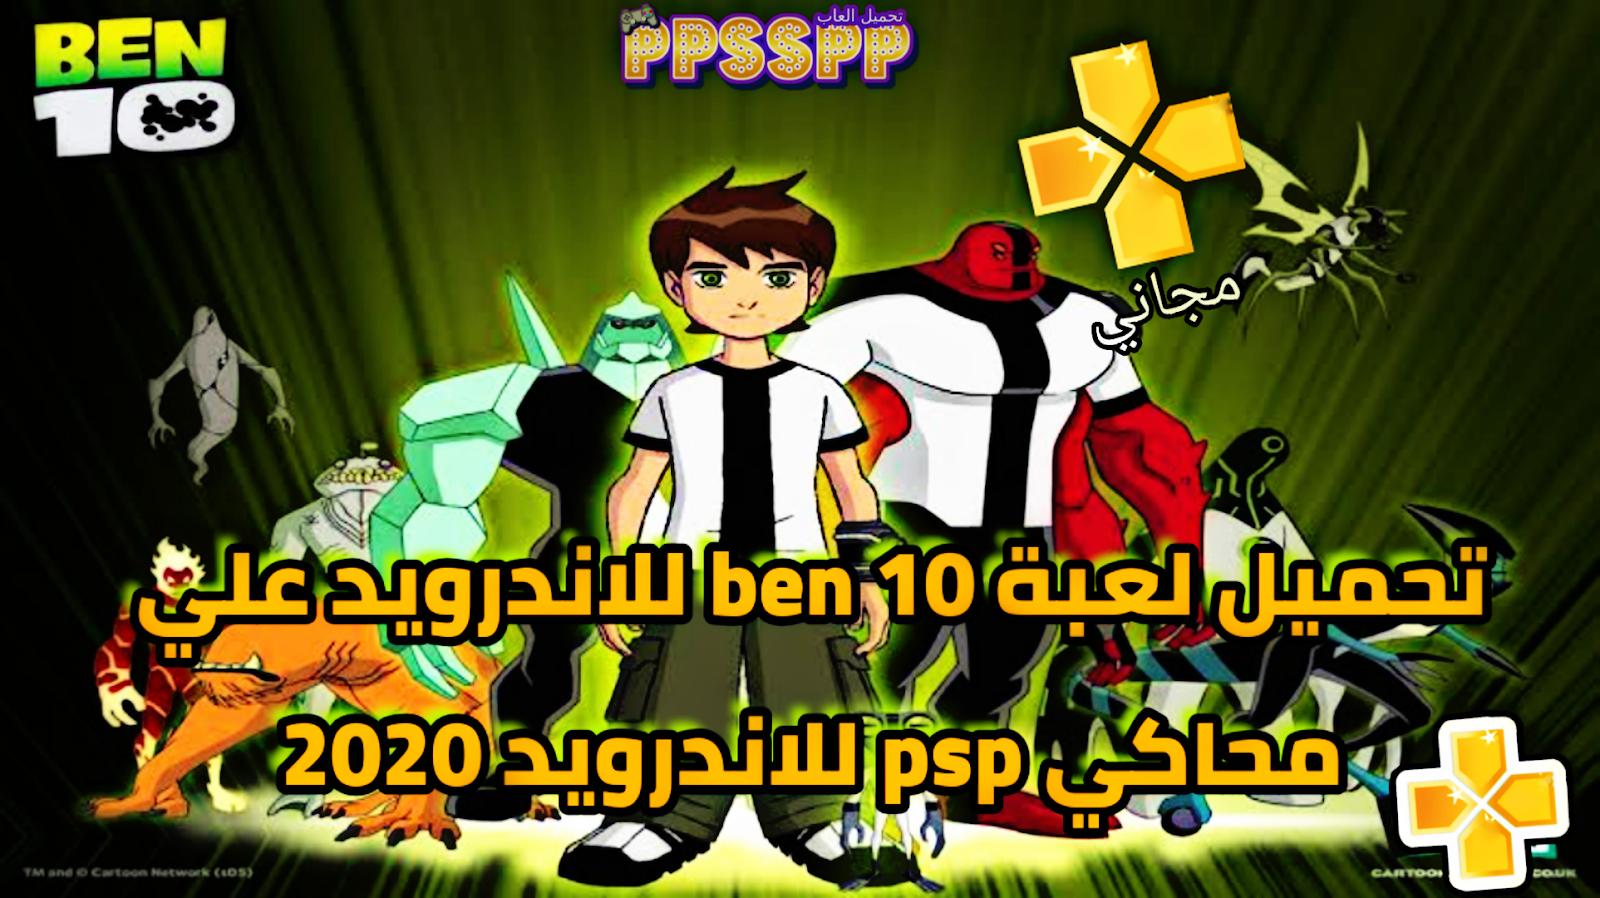 تحميل لعبة ben 10 للاندرويد ppsspp من ميديا فاير بربط مباشر 2020